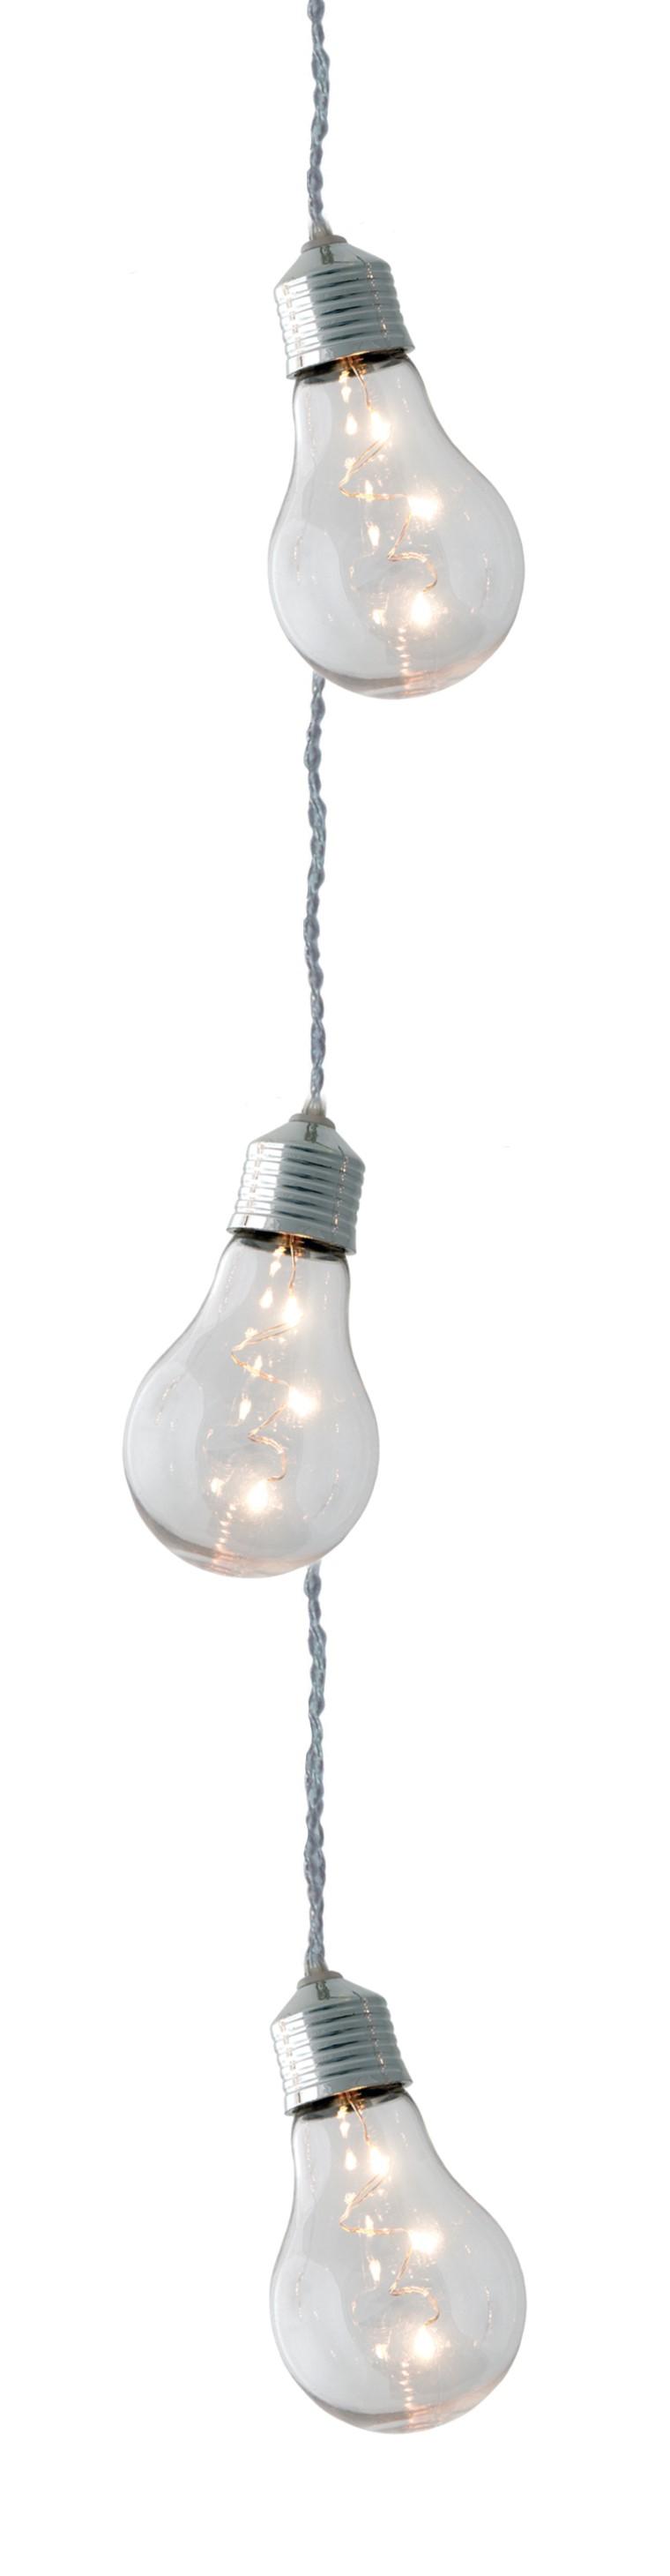 Guirlande ampoules transparentes 3,5 m de long 222796